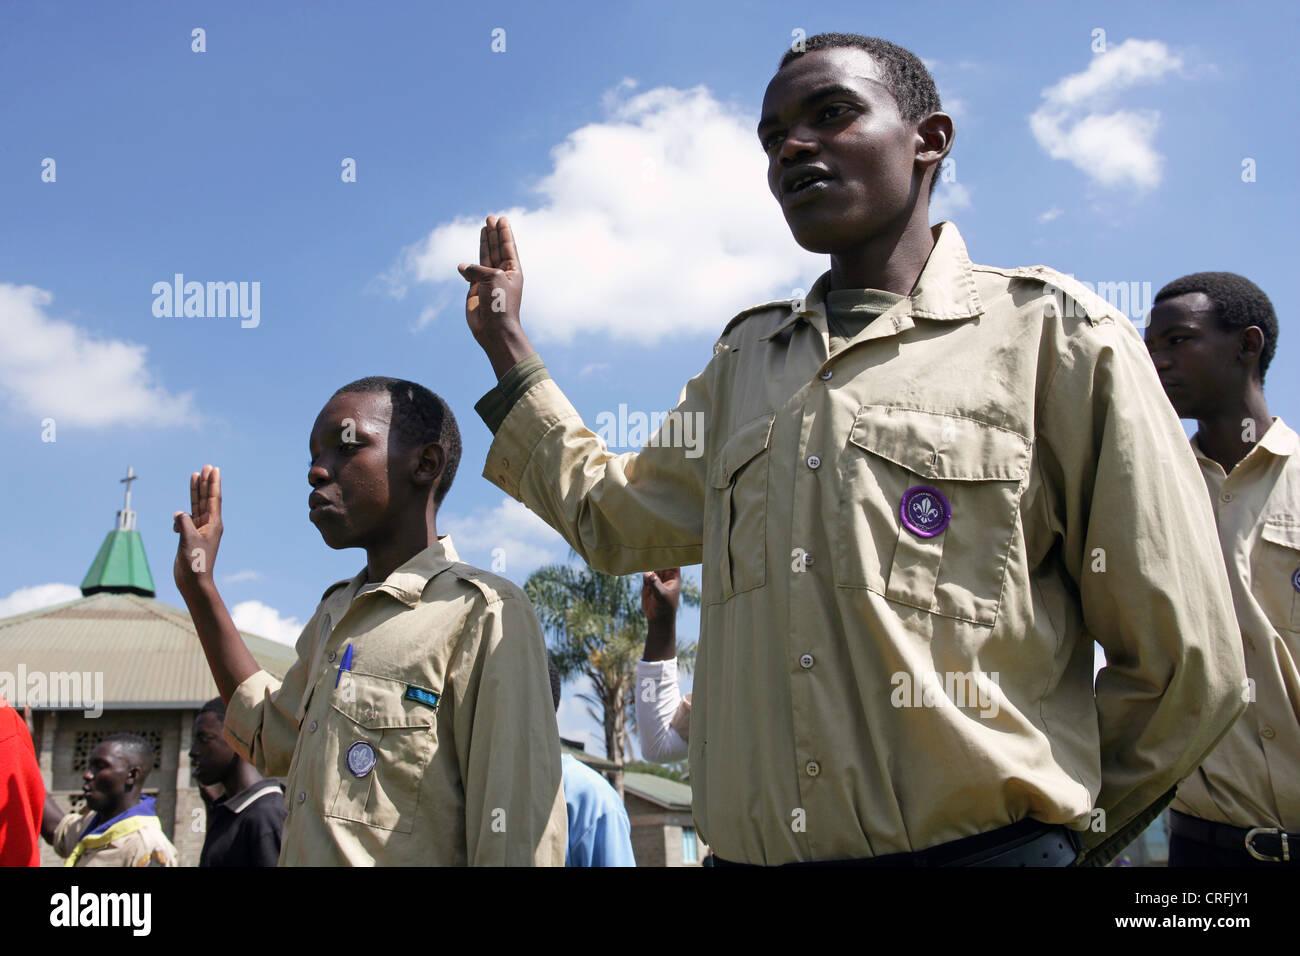 Boy Scouts saluting, Nairobi/Kenya - Stock Image